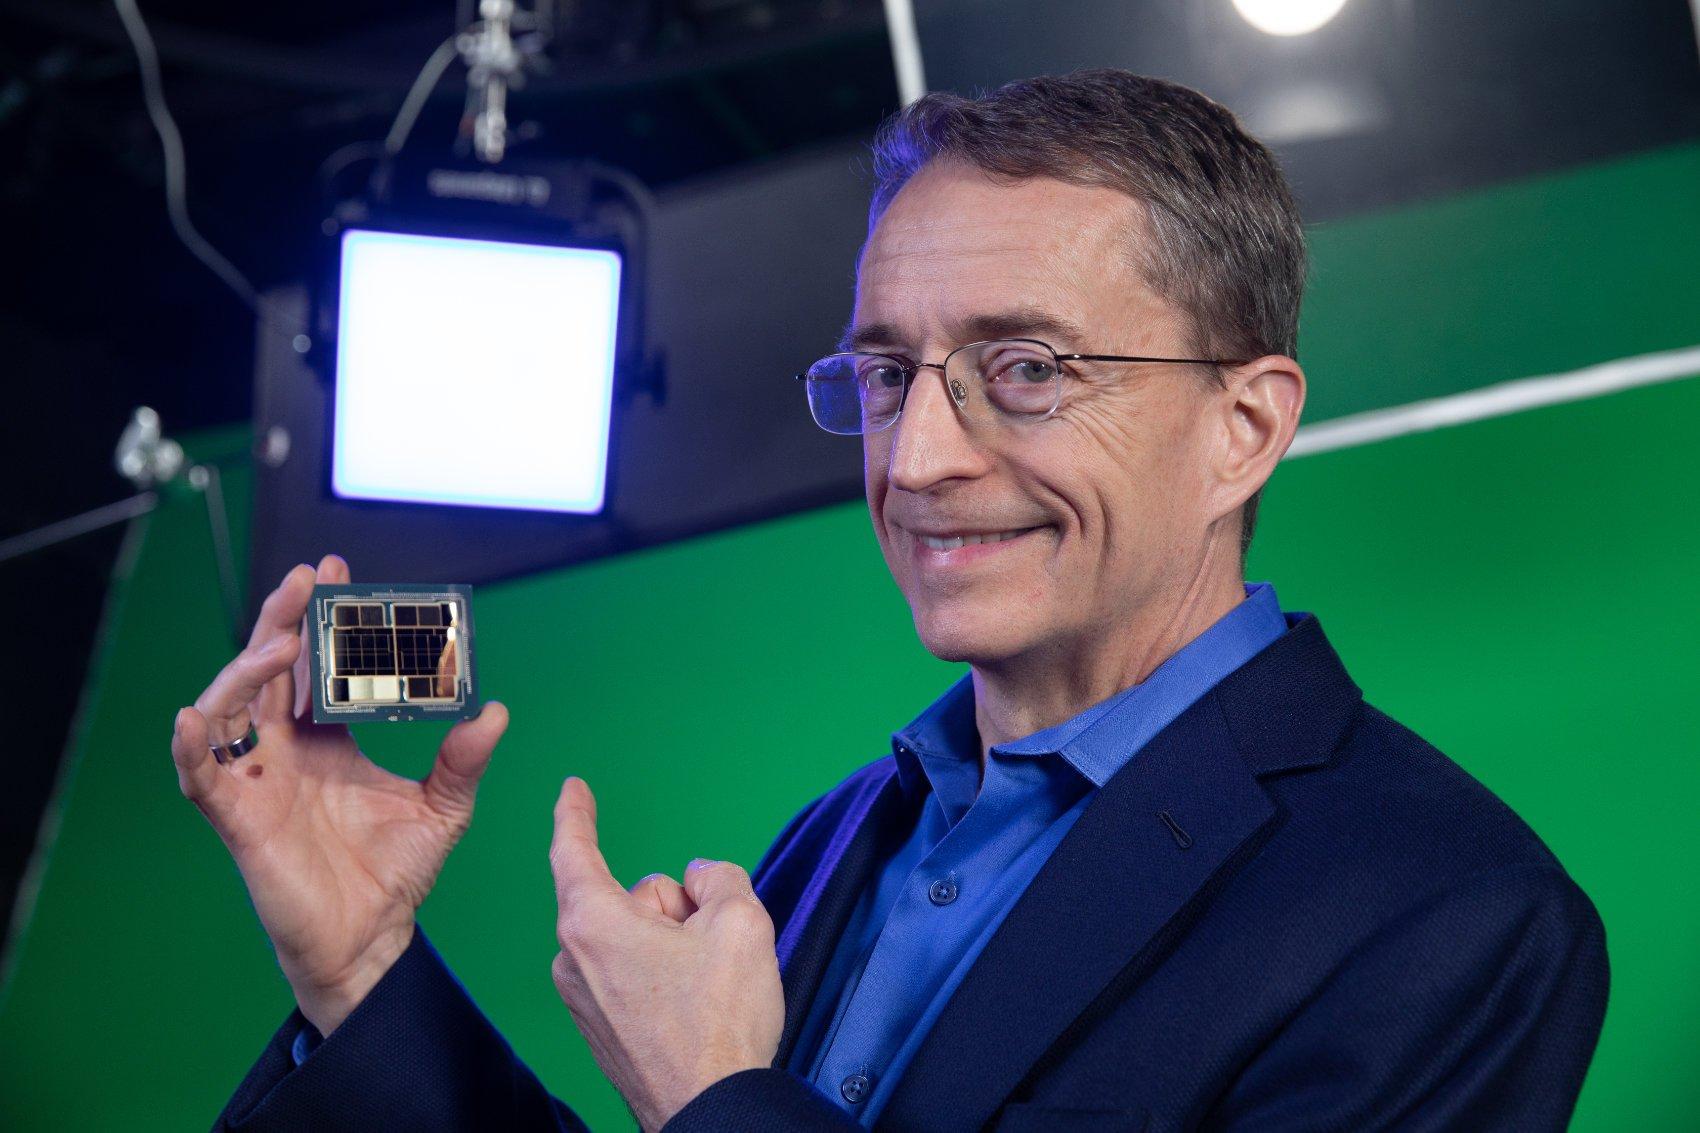 Intel's Pat Gelsinger